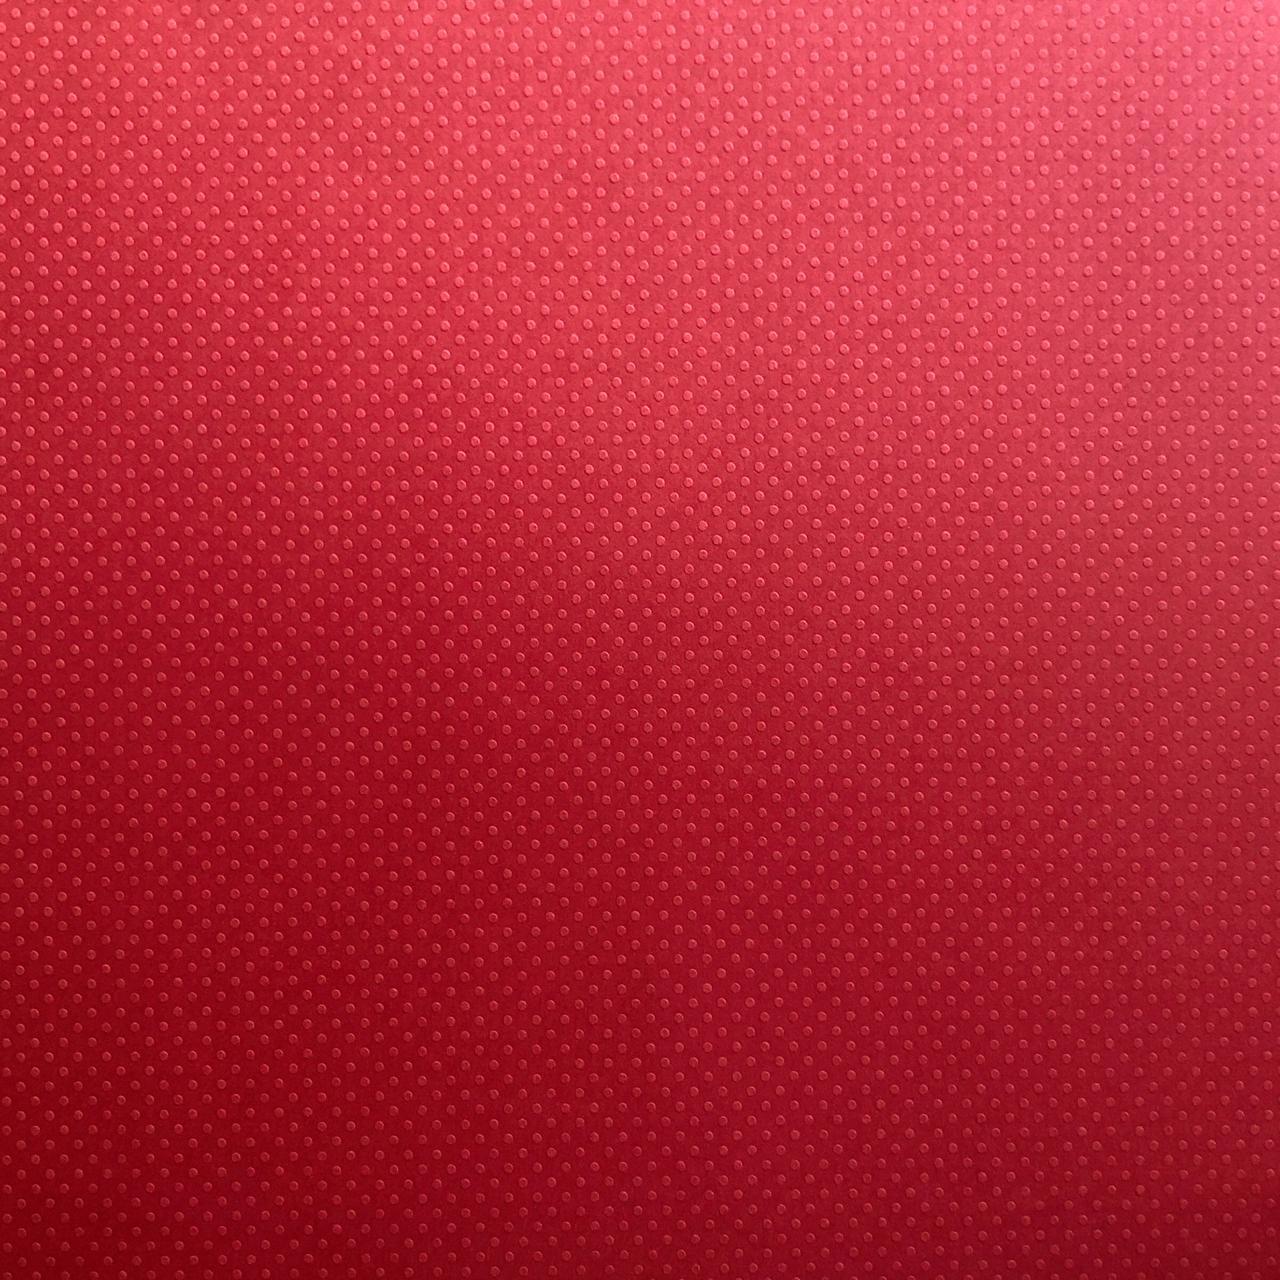 Papel Scrap Cardstock - Bolinhas II Vermelho Intenso - Toke e Crie (20061)